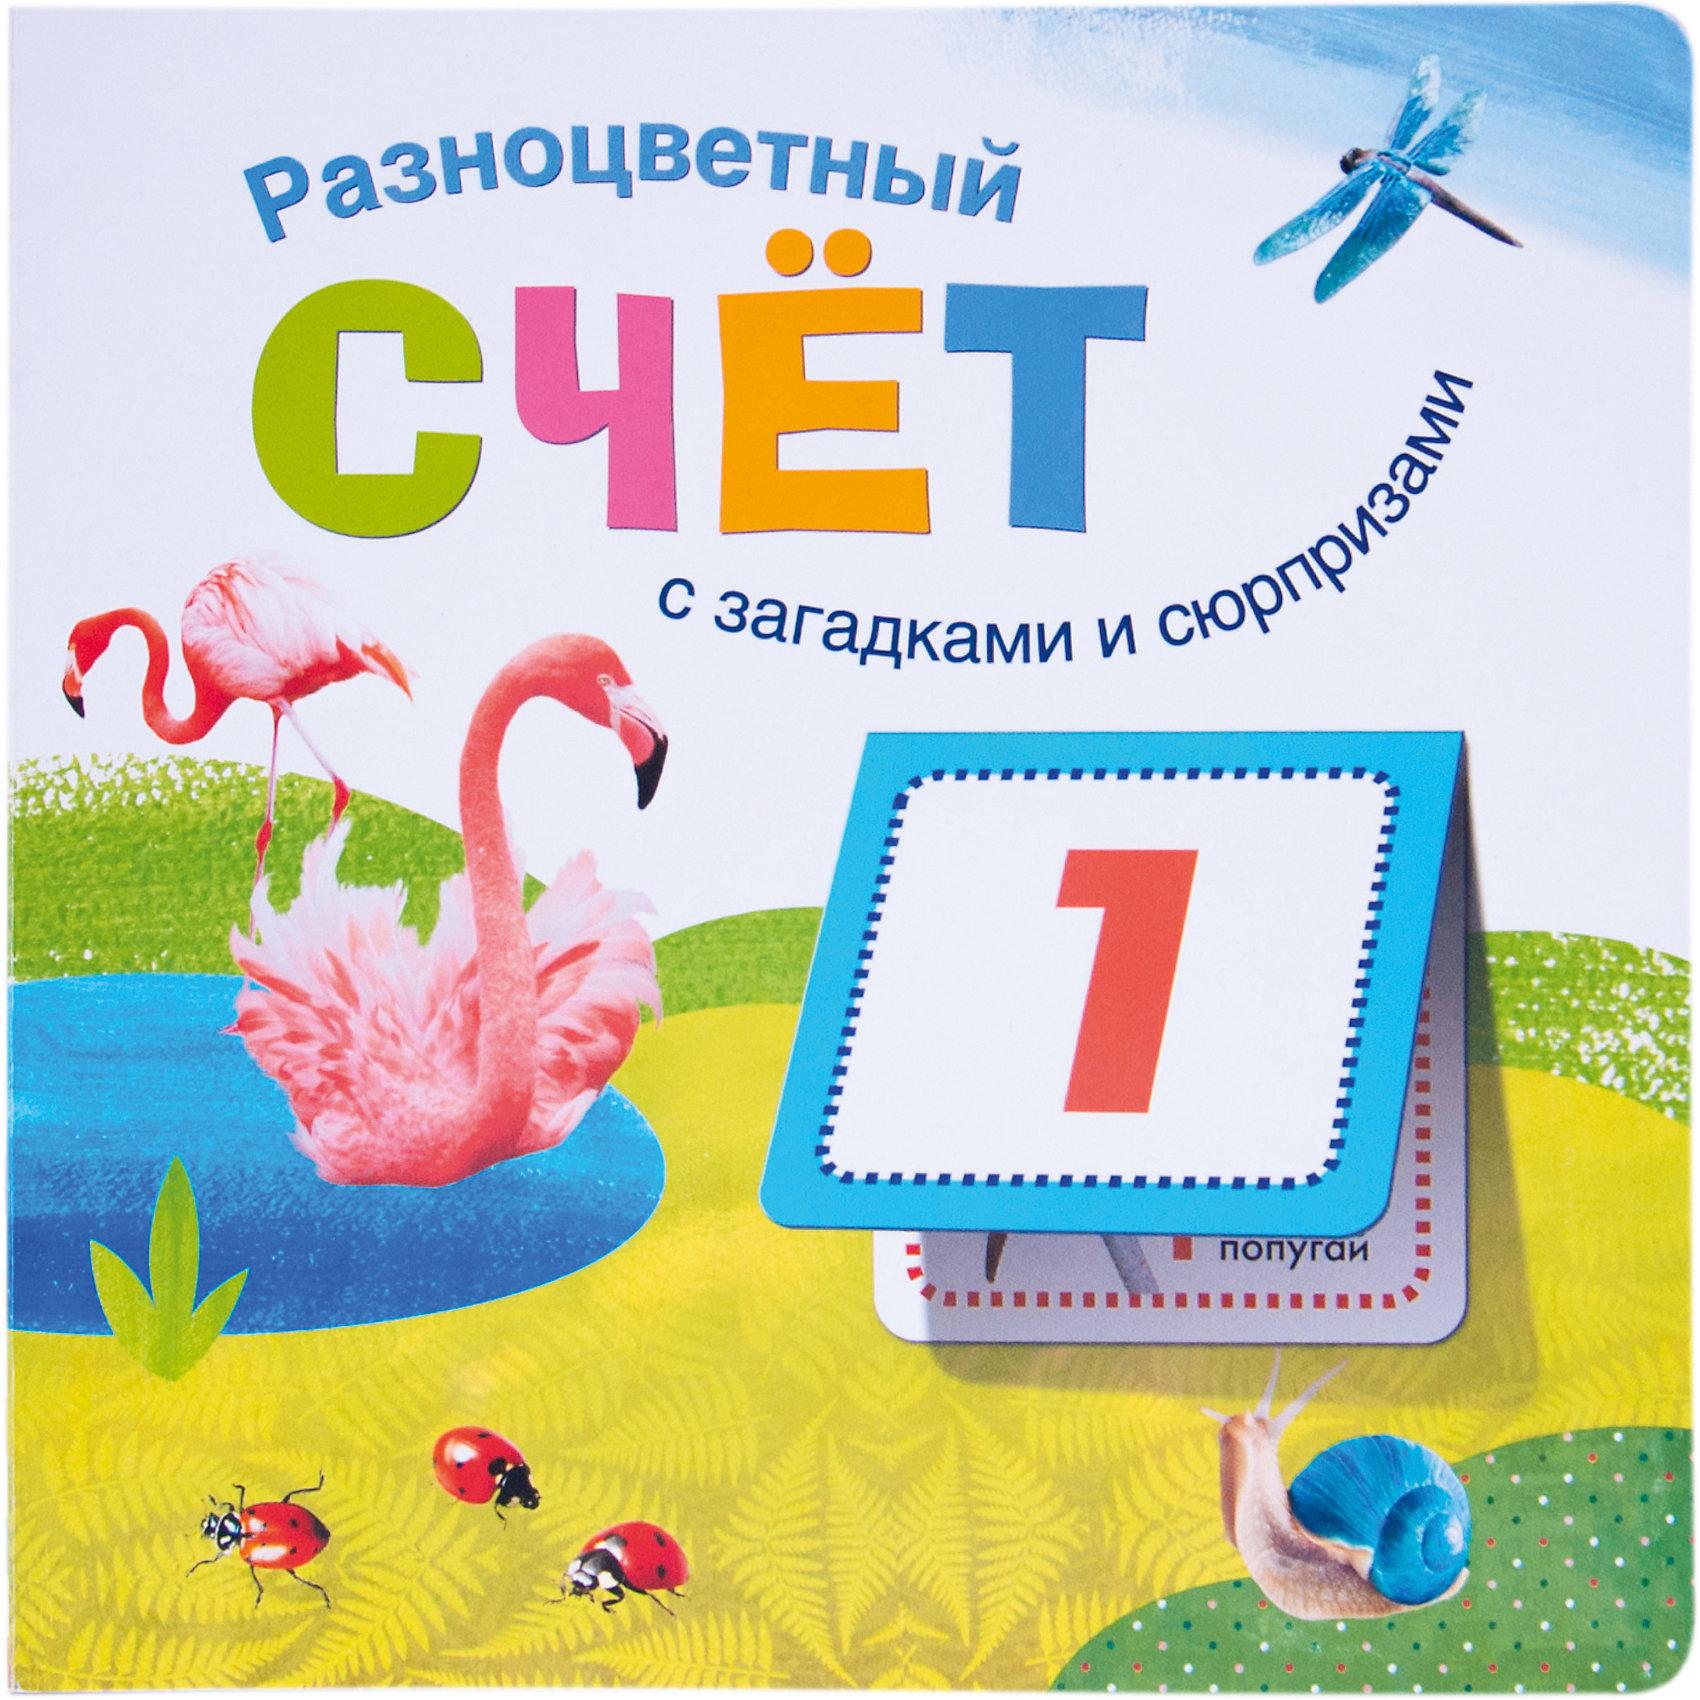 Книга Разноцветный счет, Мозаика-СинтезТворчество для малышей<br>Книга Разноцветный счет, Мозаика-Синтез.<br><br>Характеристики:<br><br>• Издательство: МОЗАИКА-СИНТЕЗ<br>• ISBN: 9785431509094<br>• Тип: книга.<br>• Серия: речь, грамота, чтение.<br>• Возраст: 2-5 лет.<br>• Размер книги: 210х210 мм.<br>• Количество страниц: 16<br><br>Яркая книга «Разноцветный счет» серии «Книжки с загадками и сюрпризами» в игровой форме поможет ребенку выучить цифры от 1 до 10, а также познакомит с различными цветами. Внутри малыша ждет множество забавных загадок, отгадки на которые он найдет под клапанами-сюрпризами. Закрепить новые знания ему помогут веселые стихи и яркие фотографии животных.<br><br>Книги серии «Книжки с загадками и сюрпризами» выполнены из плотного картона, поэтому долго будут радовать ребенка. Занятия по ним способствуют развитию памяти, внимания, речи и мышления, расширению представлений об окружающем мире.<br><br>Книгу Разноцветный счет, Мозаика-Синтез, можно купить в нашем интернет – магазине.<br><br>Ширина мм: 7<br>Глубина мм: 210<br>Высота мм: 210<br>Вес г: 300<br>Возраст от месяцев: 24<br>Возраст до месяцев: 60<br>Пол: Унисекс<br>Возраст: Детский<br>SKU: 5428901